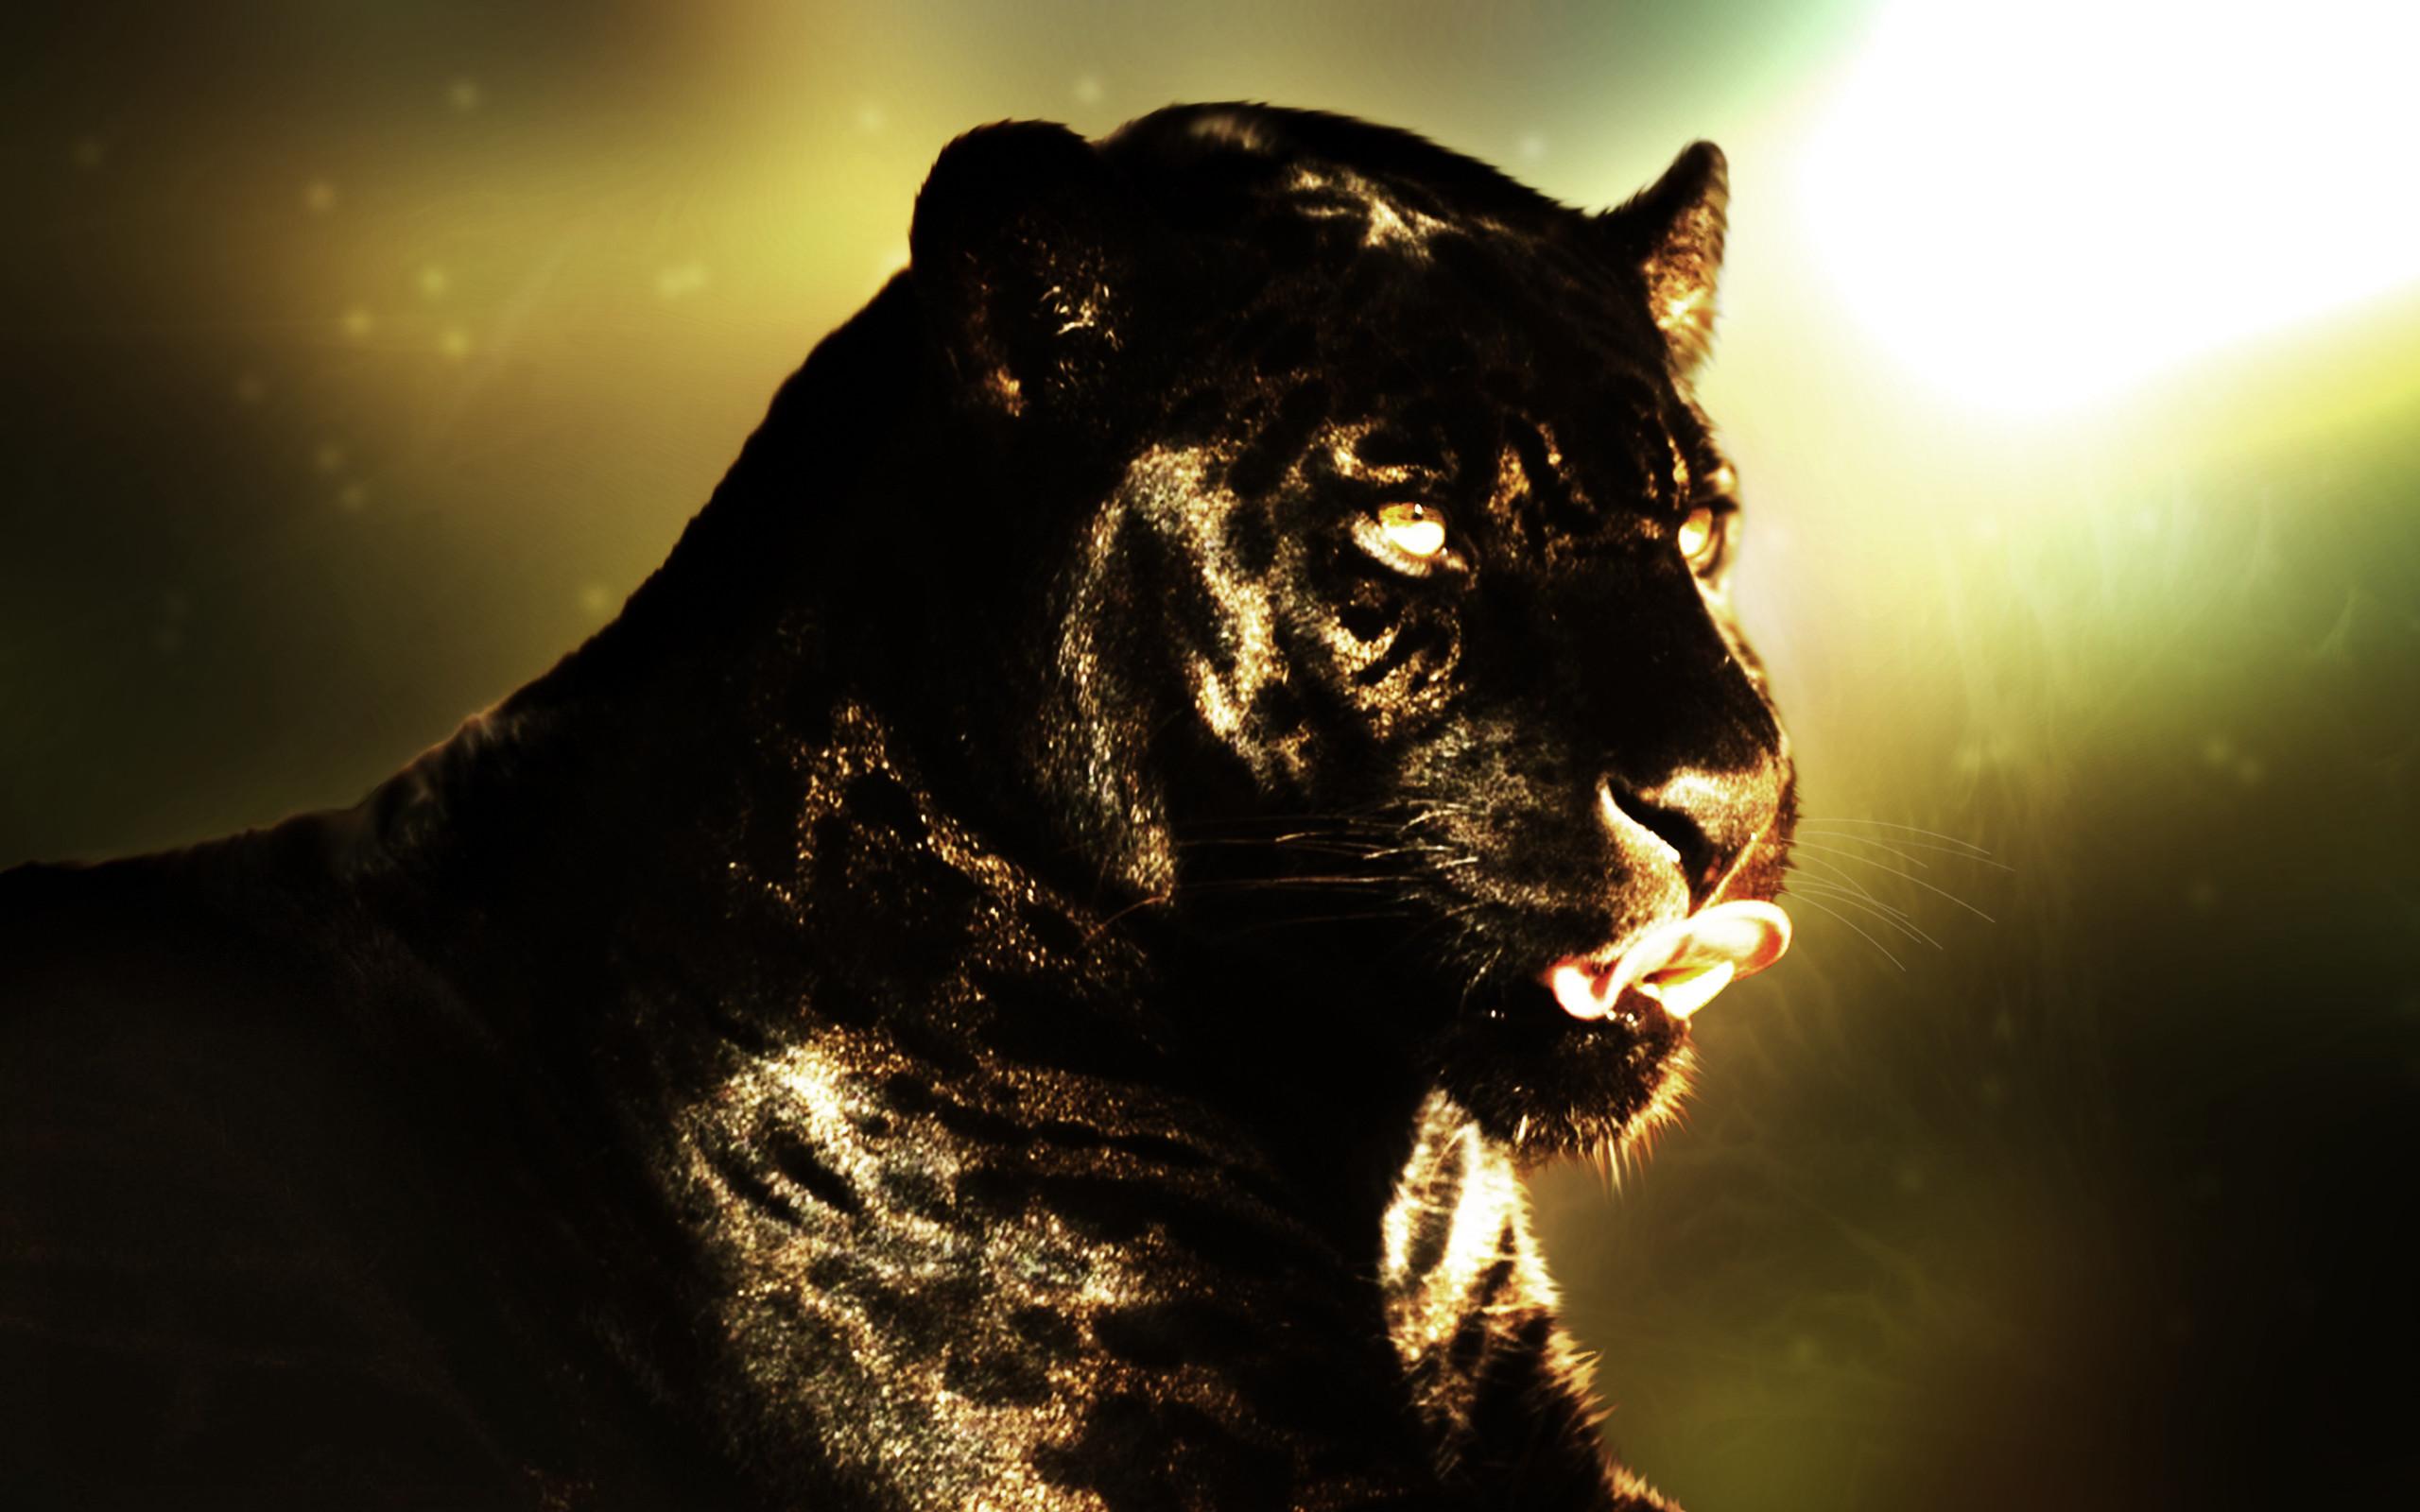 Animal – Black Panther Wallpaper